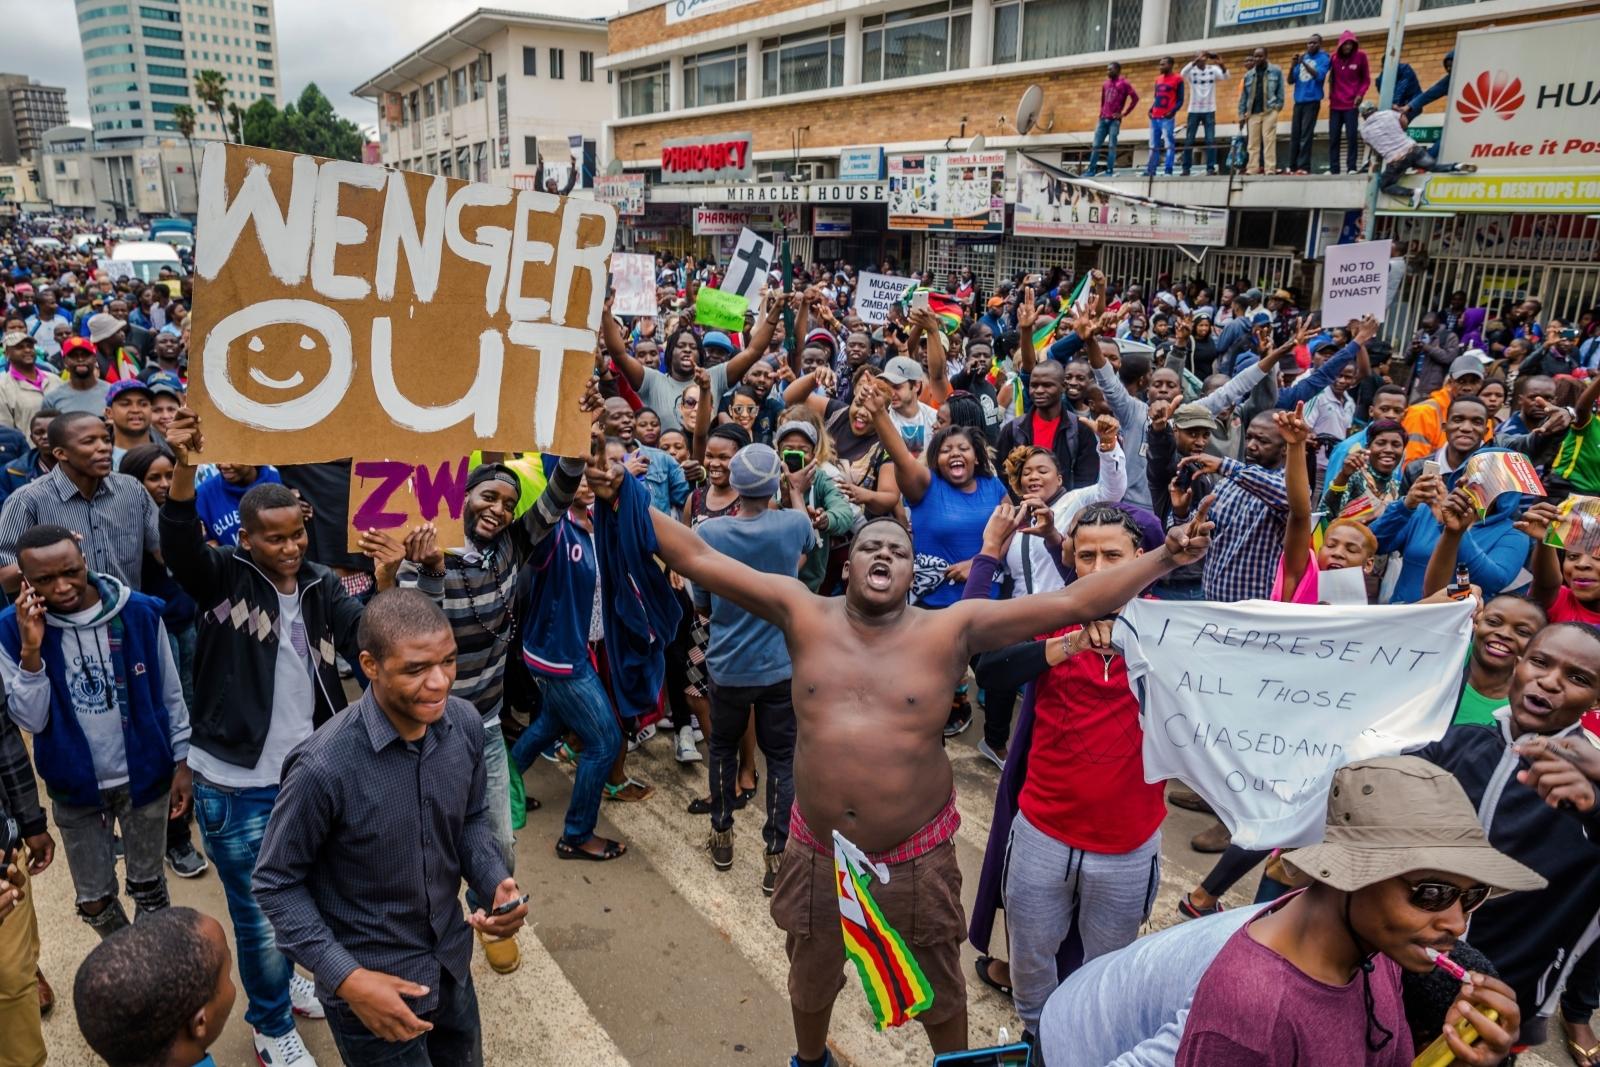 zimbabwe robert mugabe wenger out protest